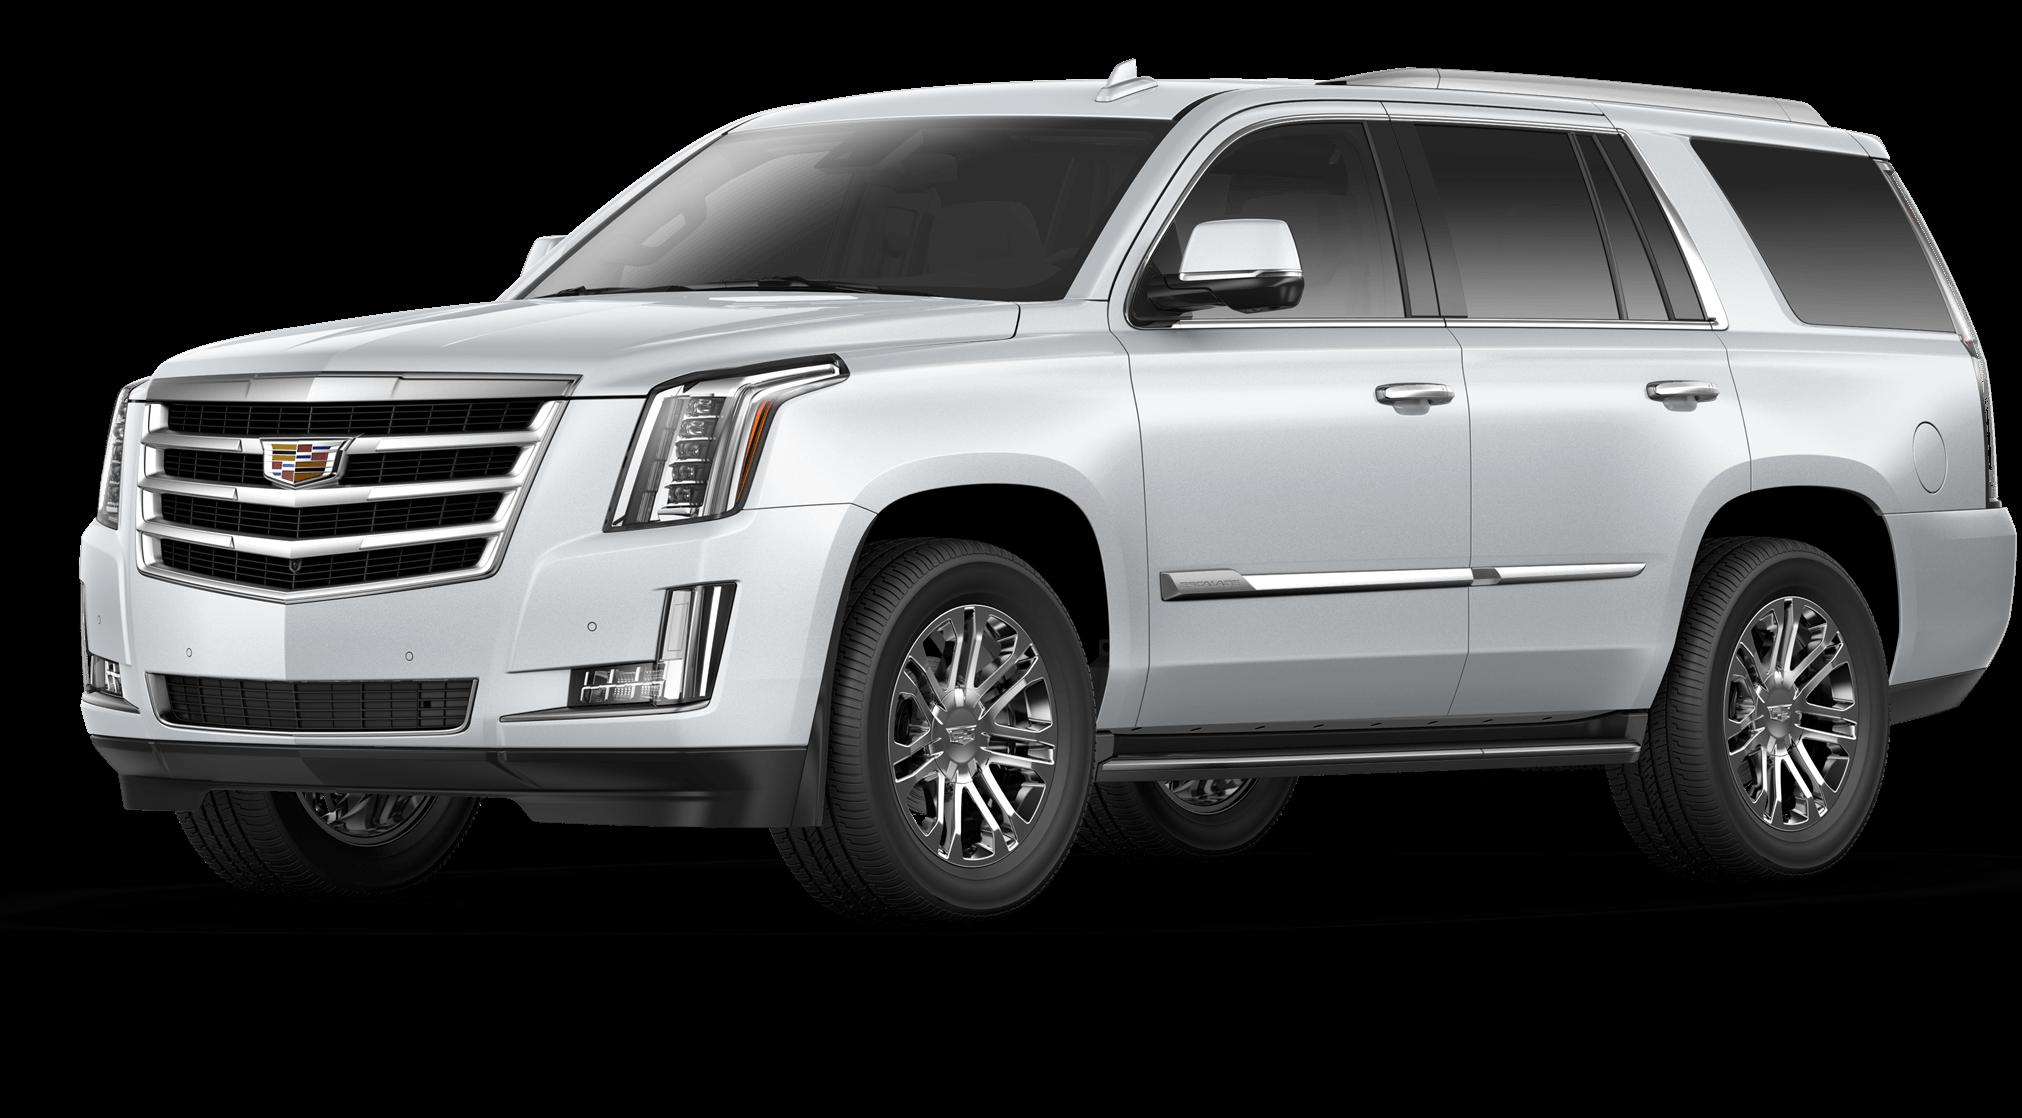 Cadillac Escalade Radiant Silver Metallic